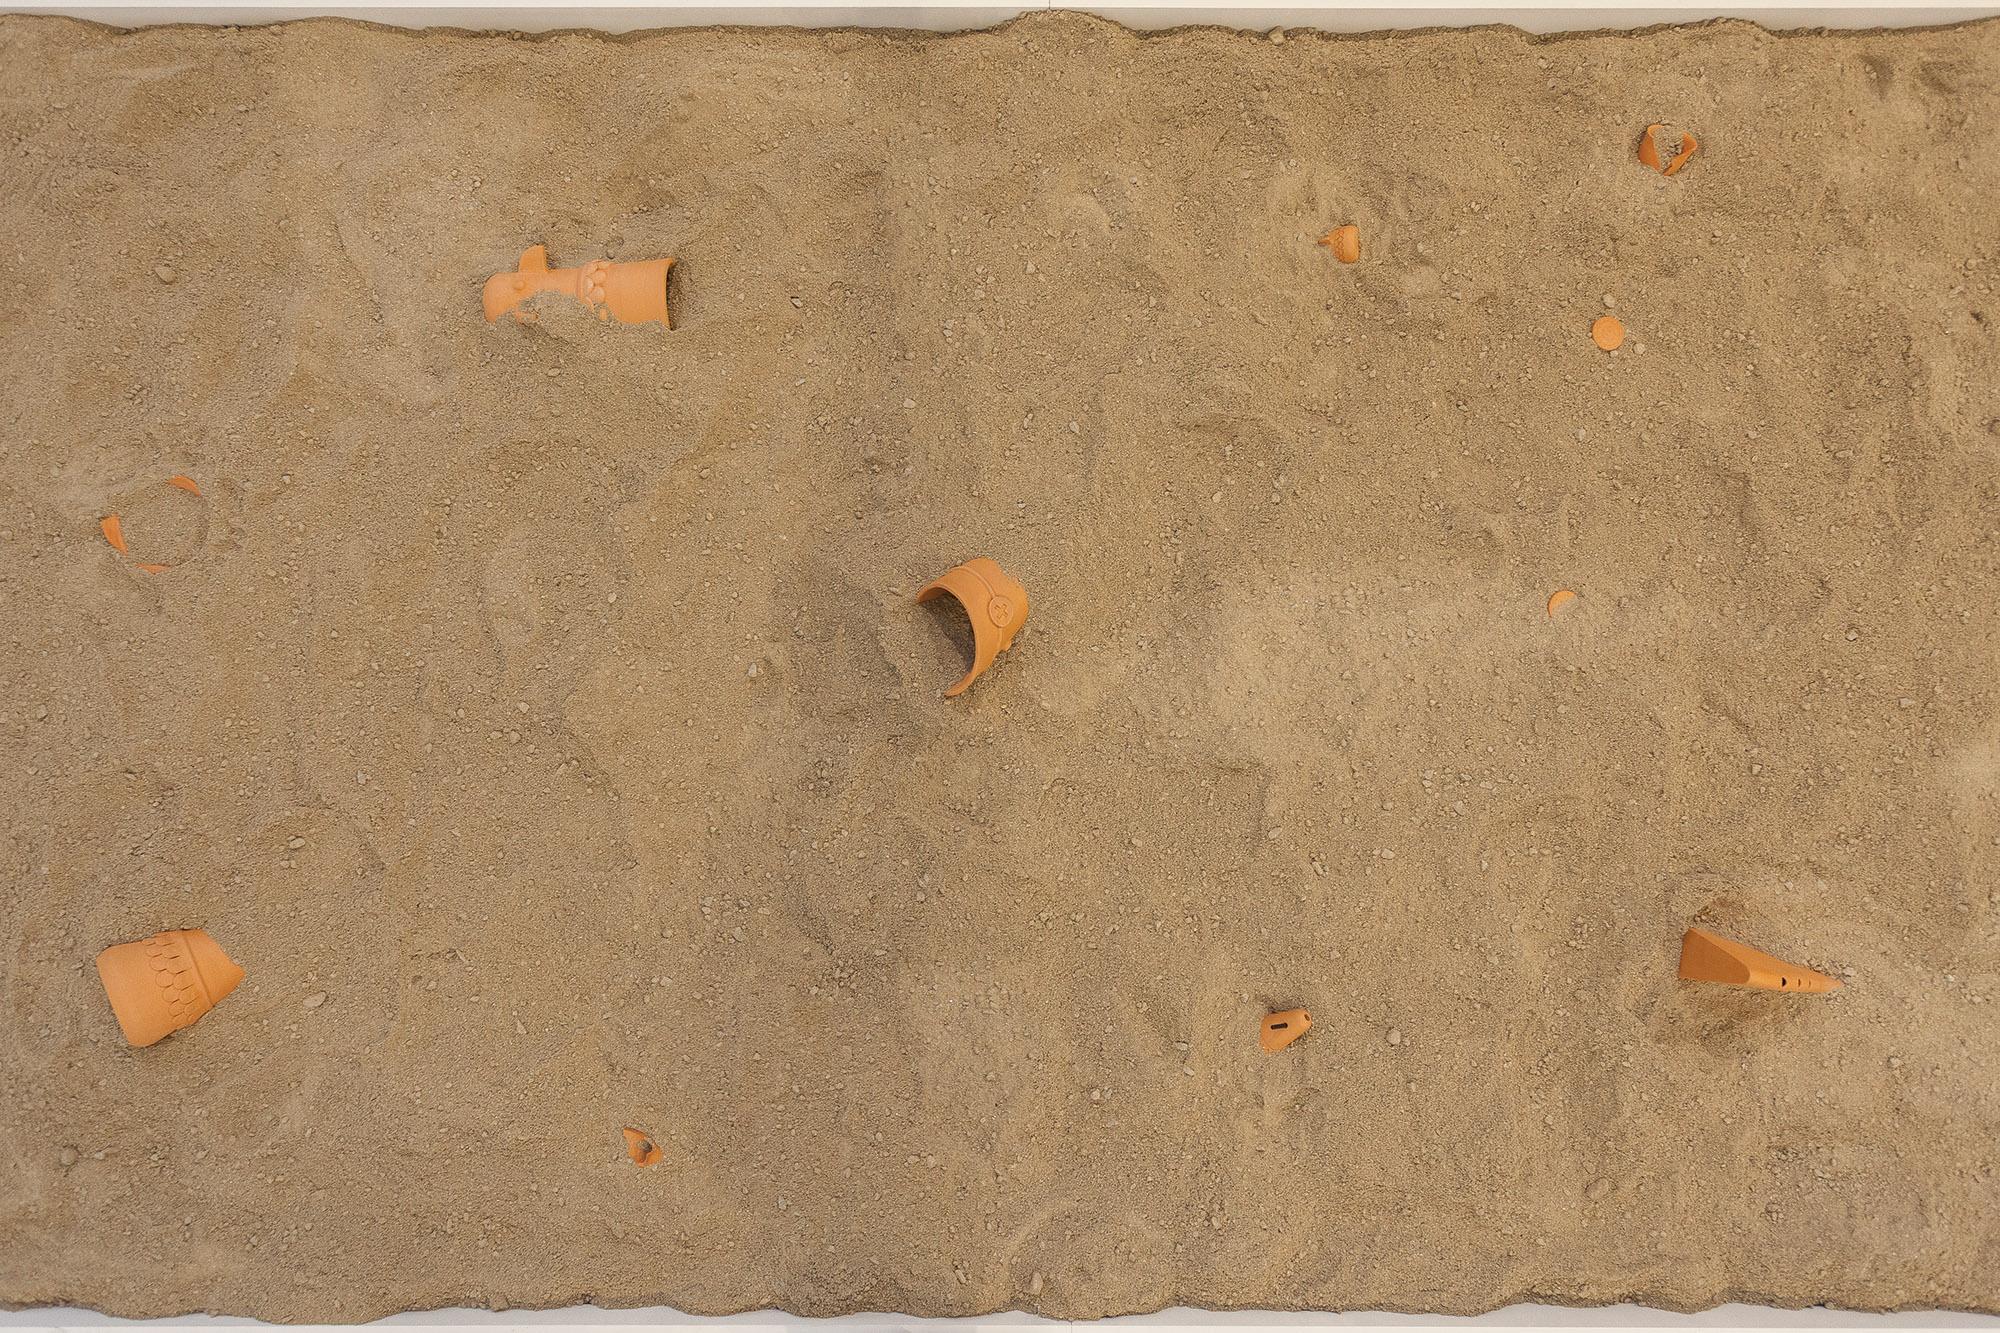 Tesouros de Barro - André Teoman - Exhibition